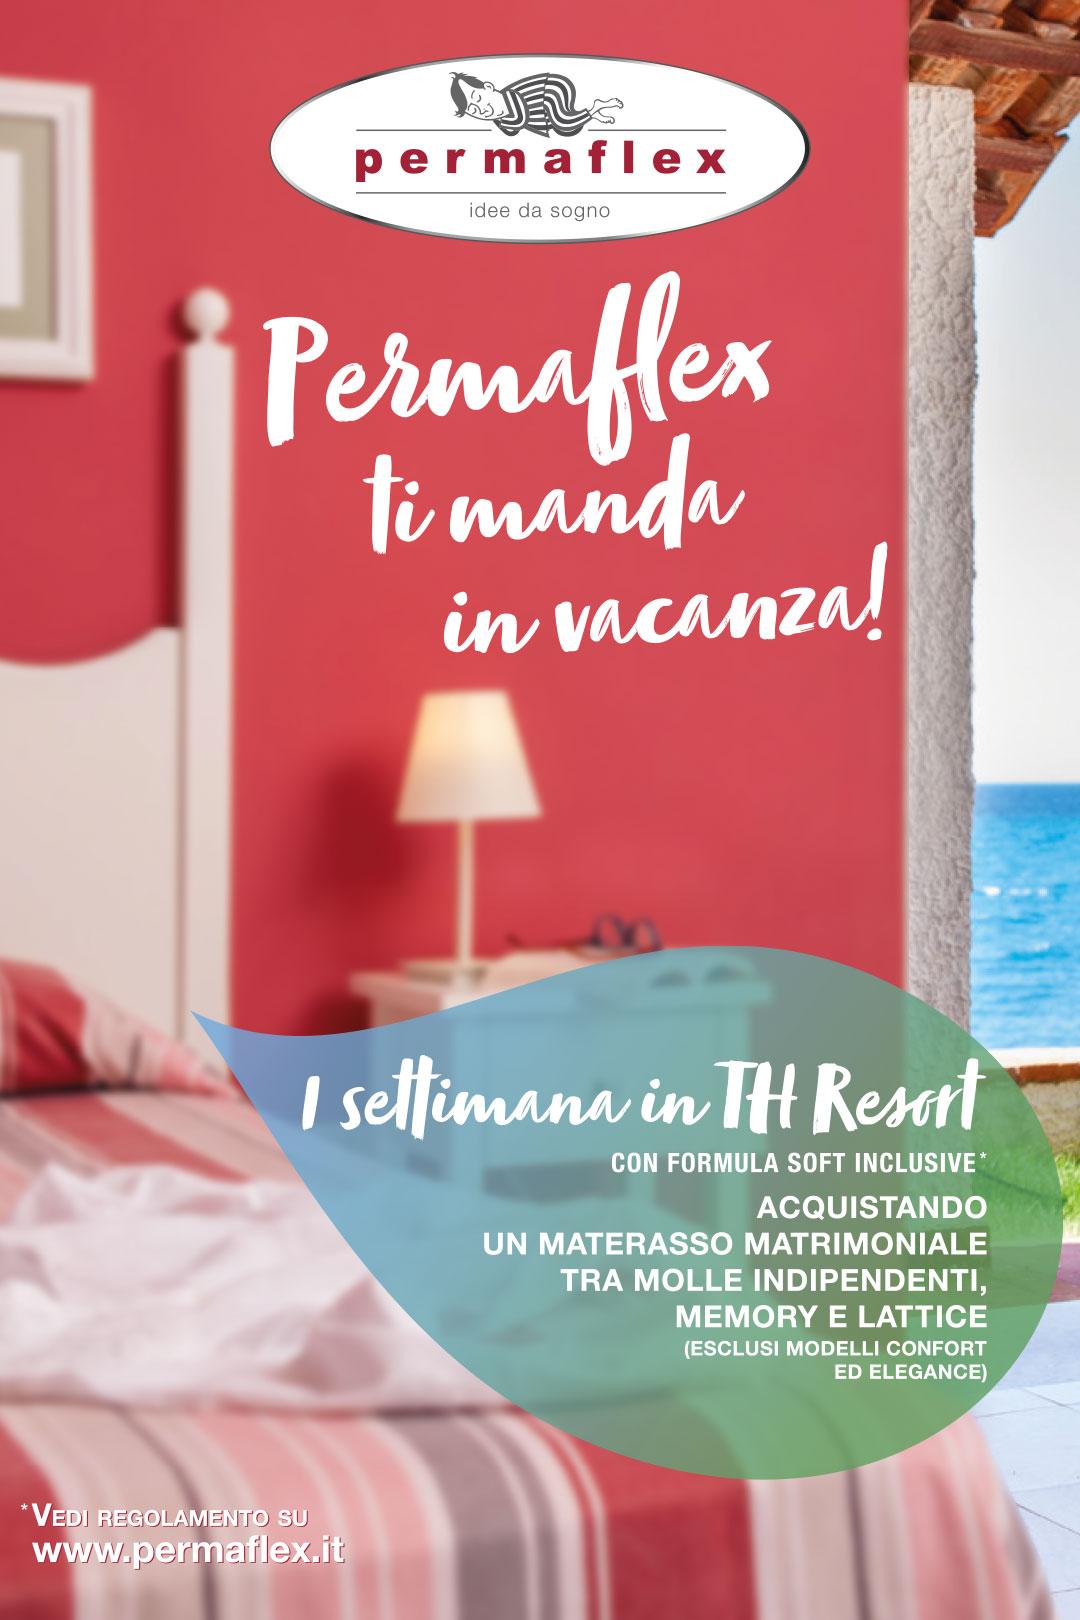 Materassi In Lattice Permaflex Prezzi.Vendita Materassi Reti Letti E Accessori Su Misura Permaflex Vicenza